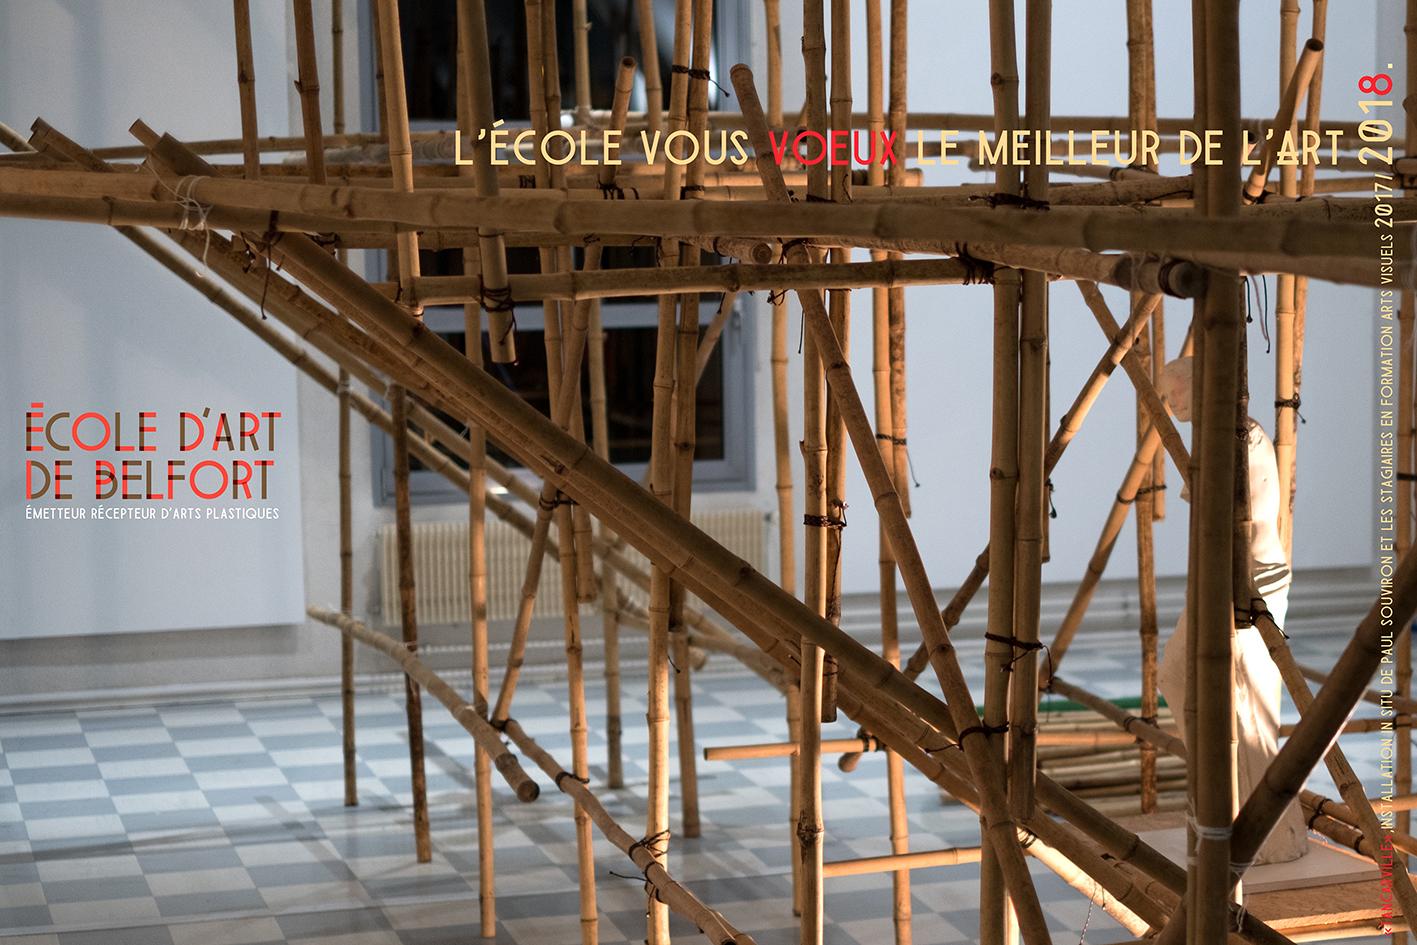 Cours De Dessin Montbéliard École d'art de belfort actualité - École d'art de belfort